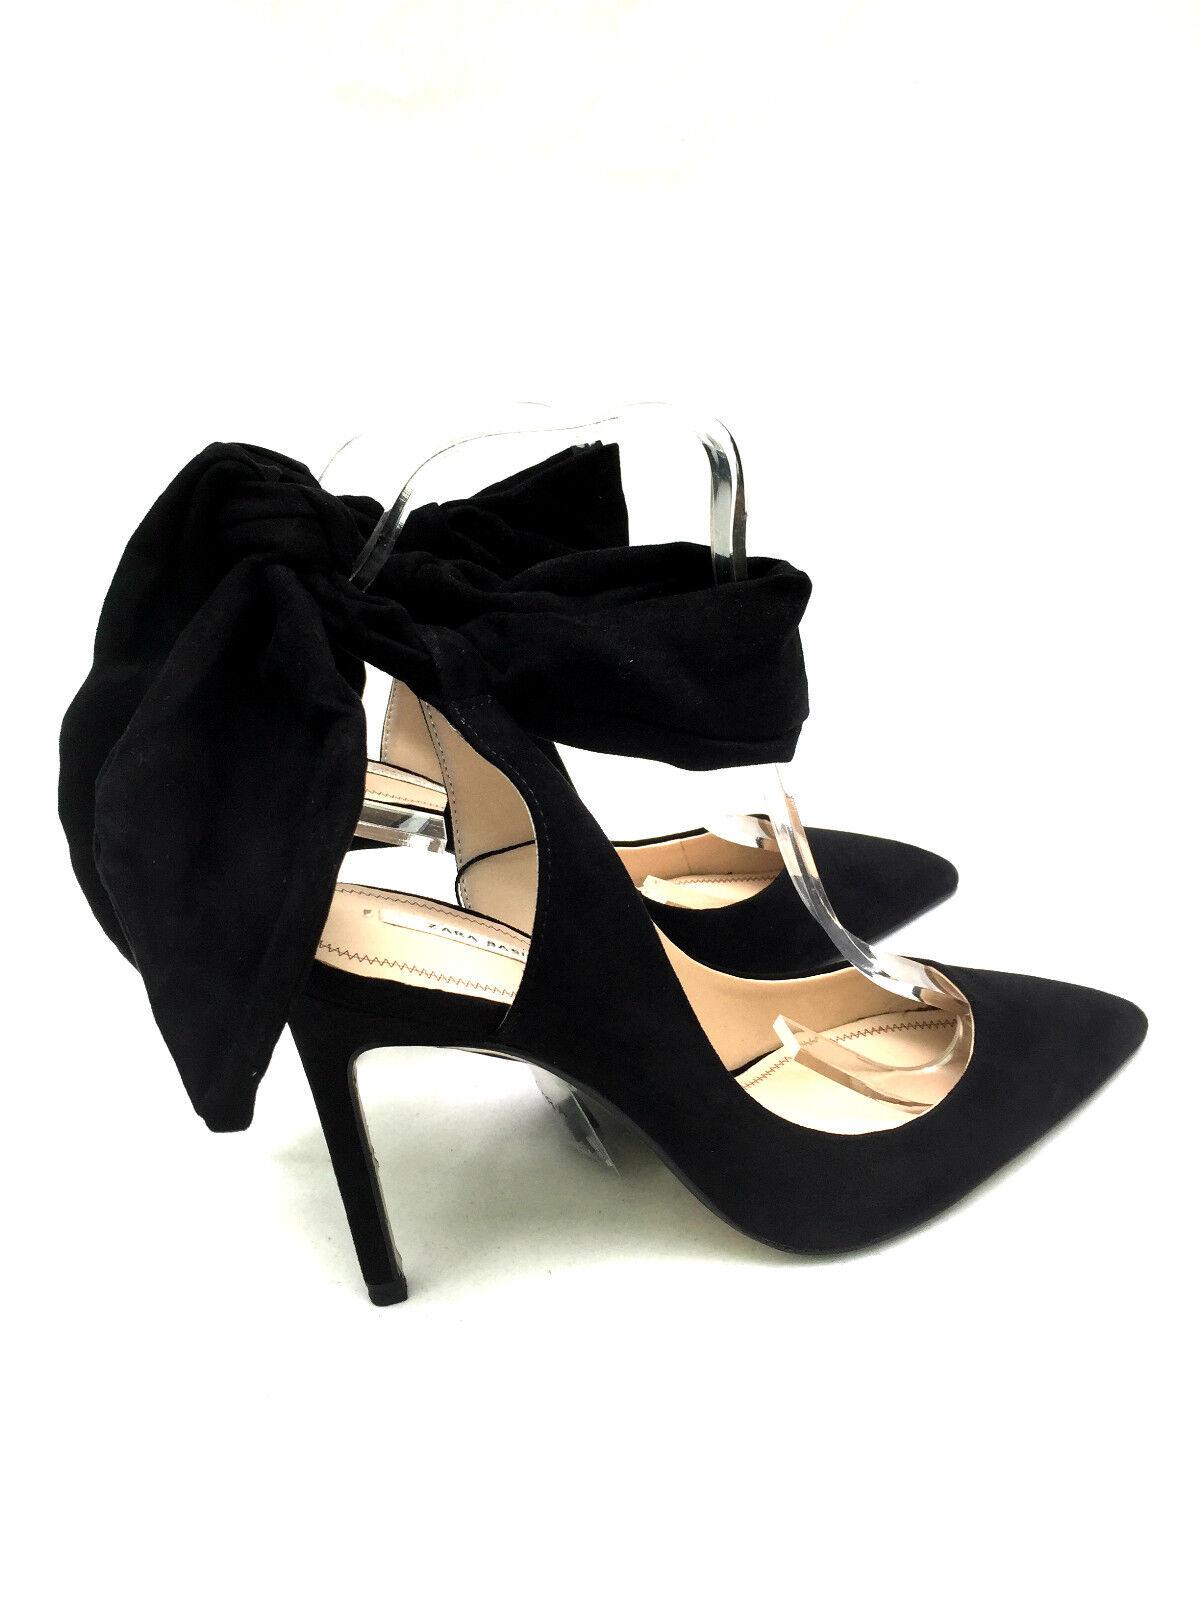 ZARA SLINGBACK HIGH HEEL 37 Schuhe WITH BOW 36 37 HEEL 39 015baa